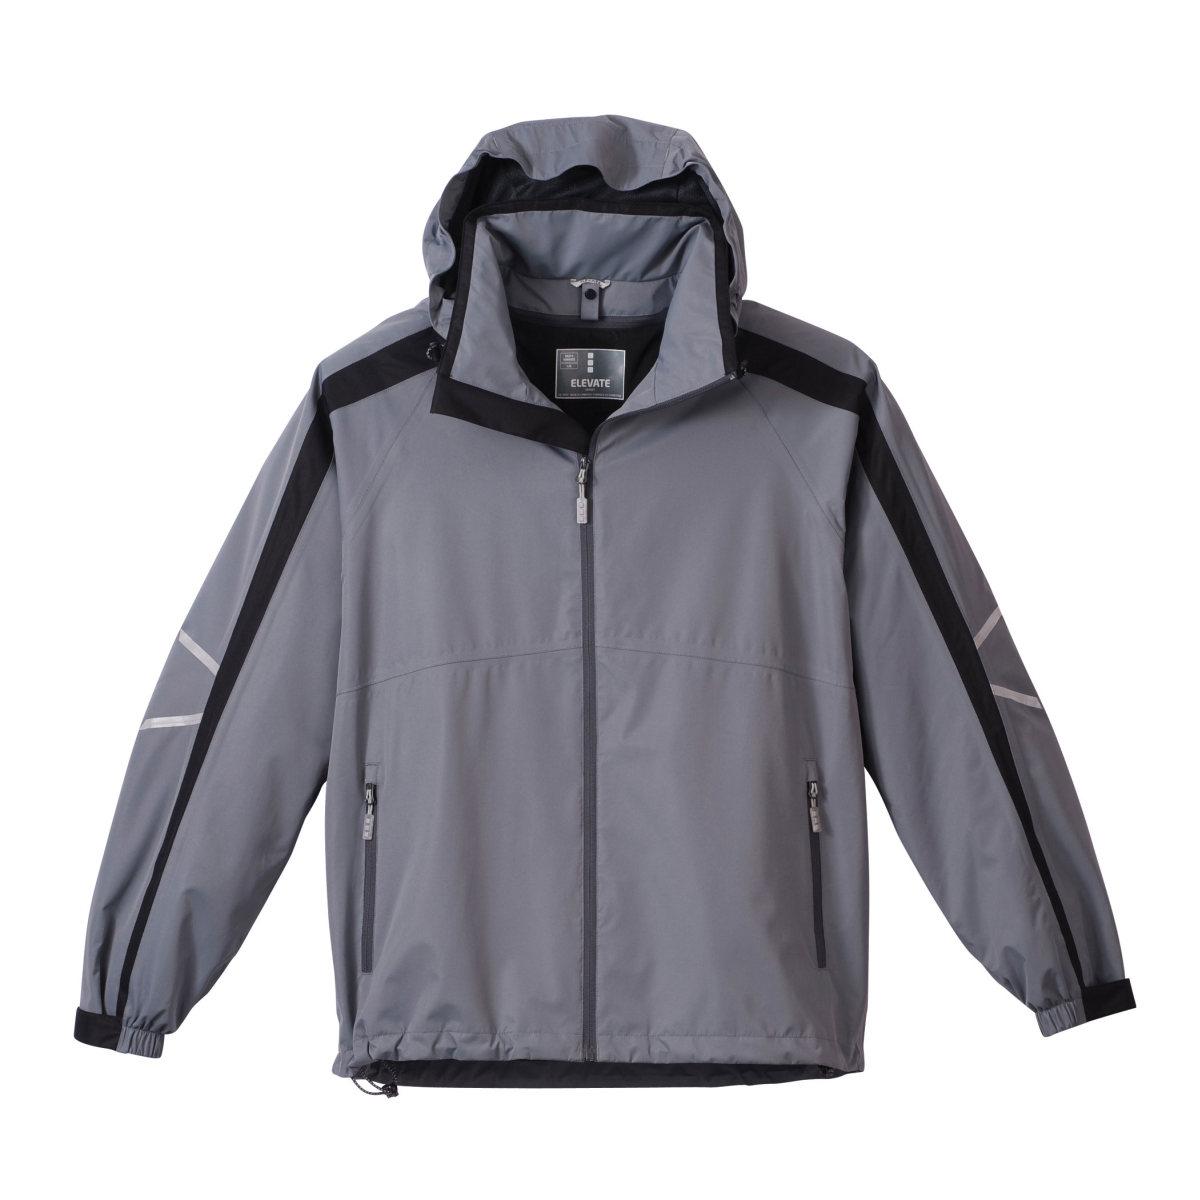 K/ÜBLER Activiq Gilet Anthracite//Black Size M 65/% PE// 35/% Cotton